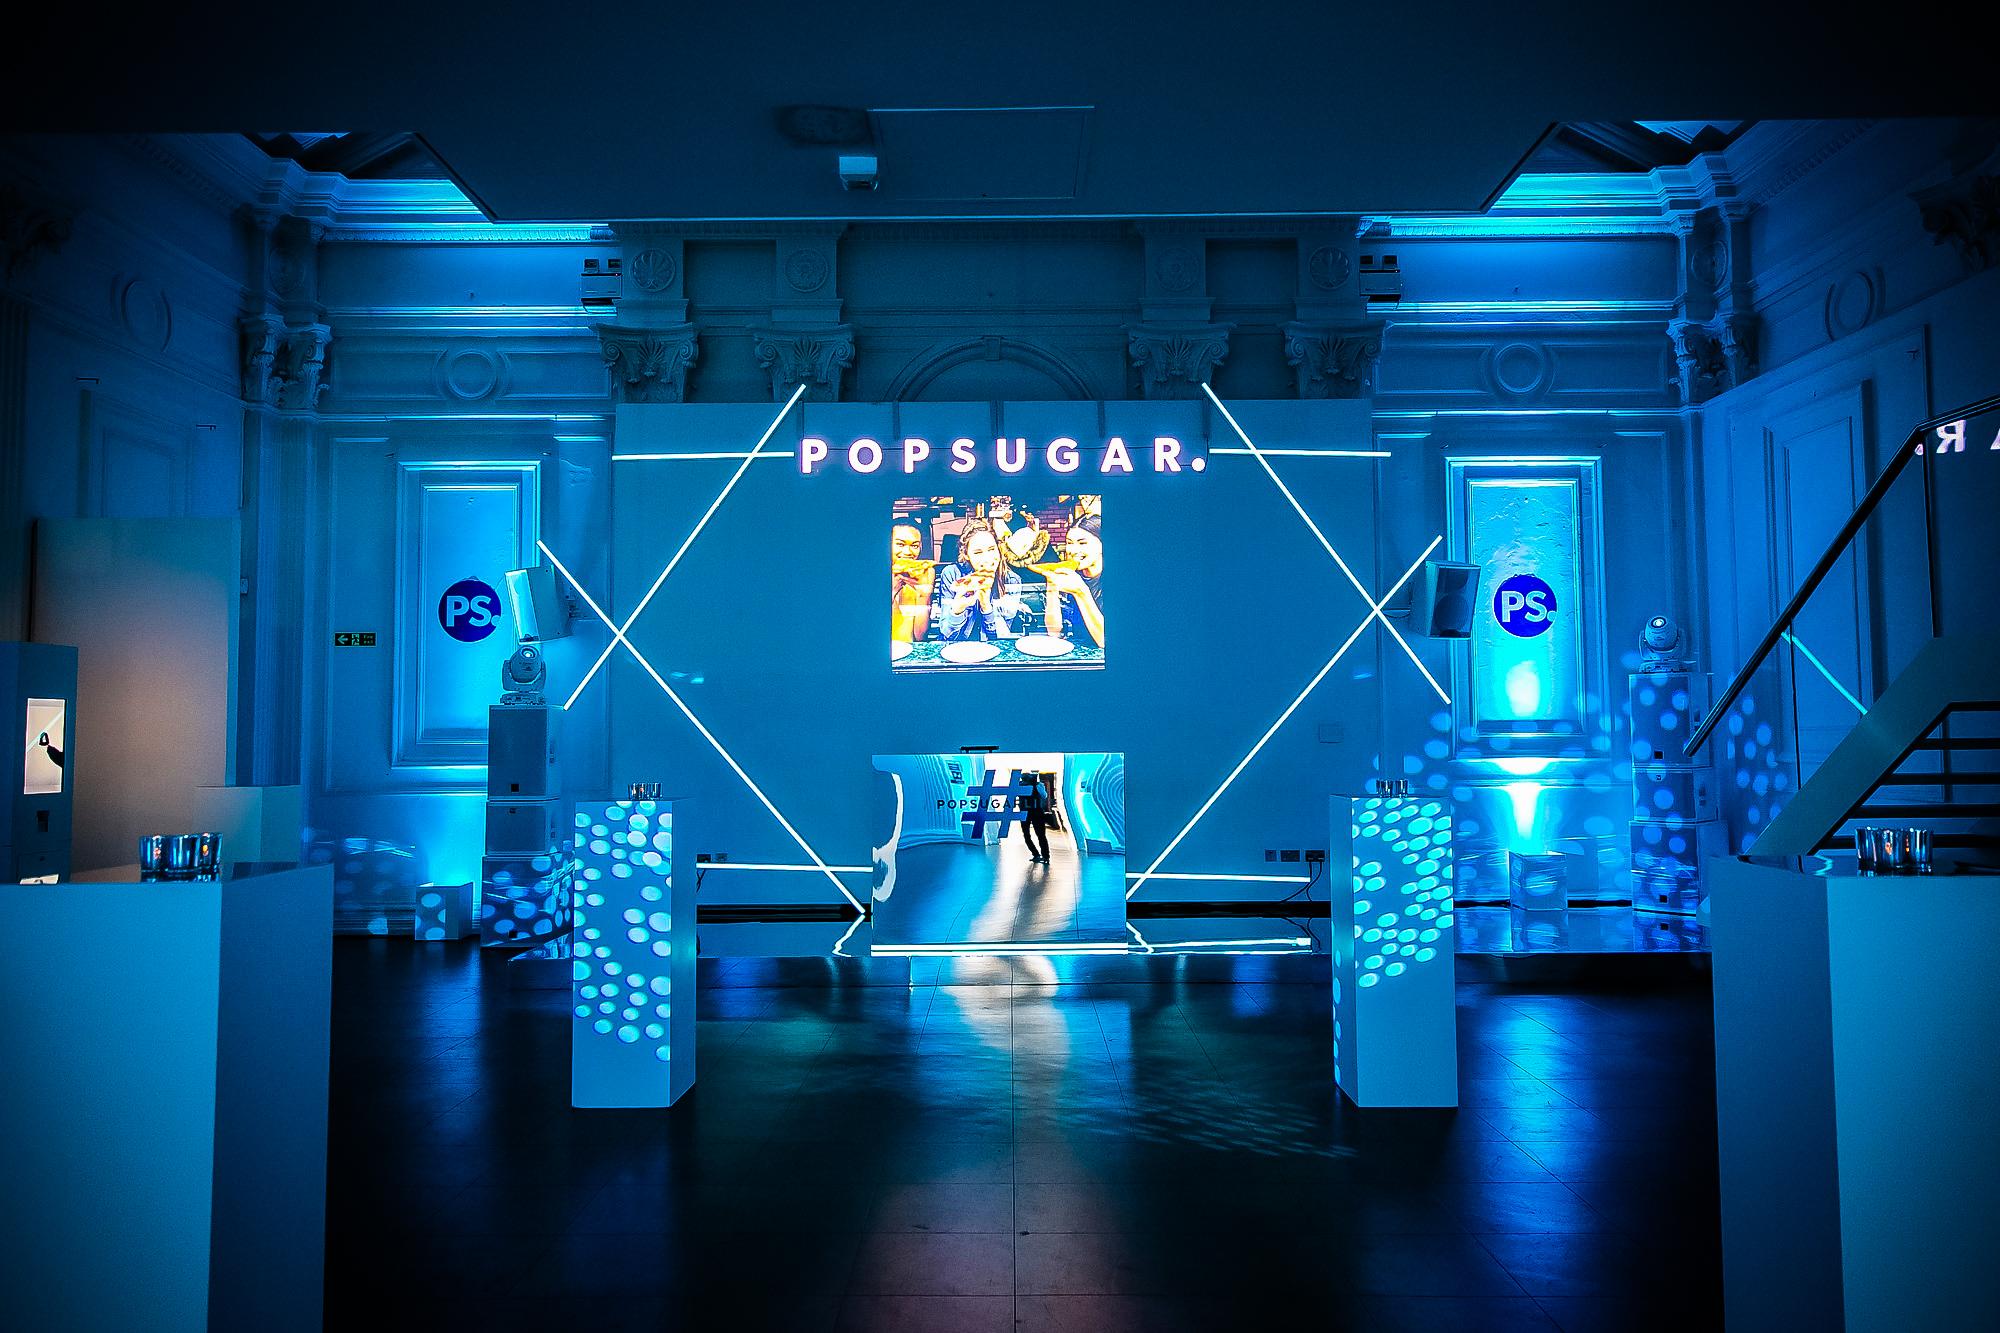 002_POPSUGAR_LIFE.jpg